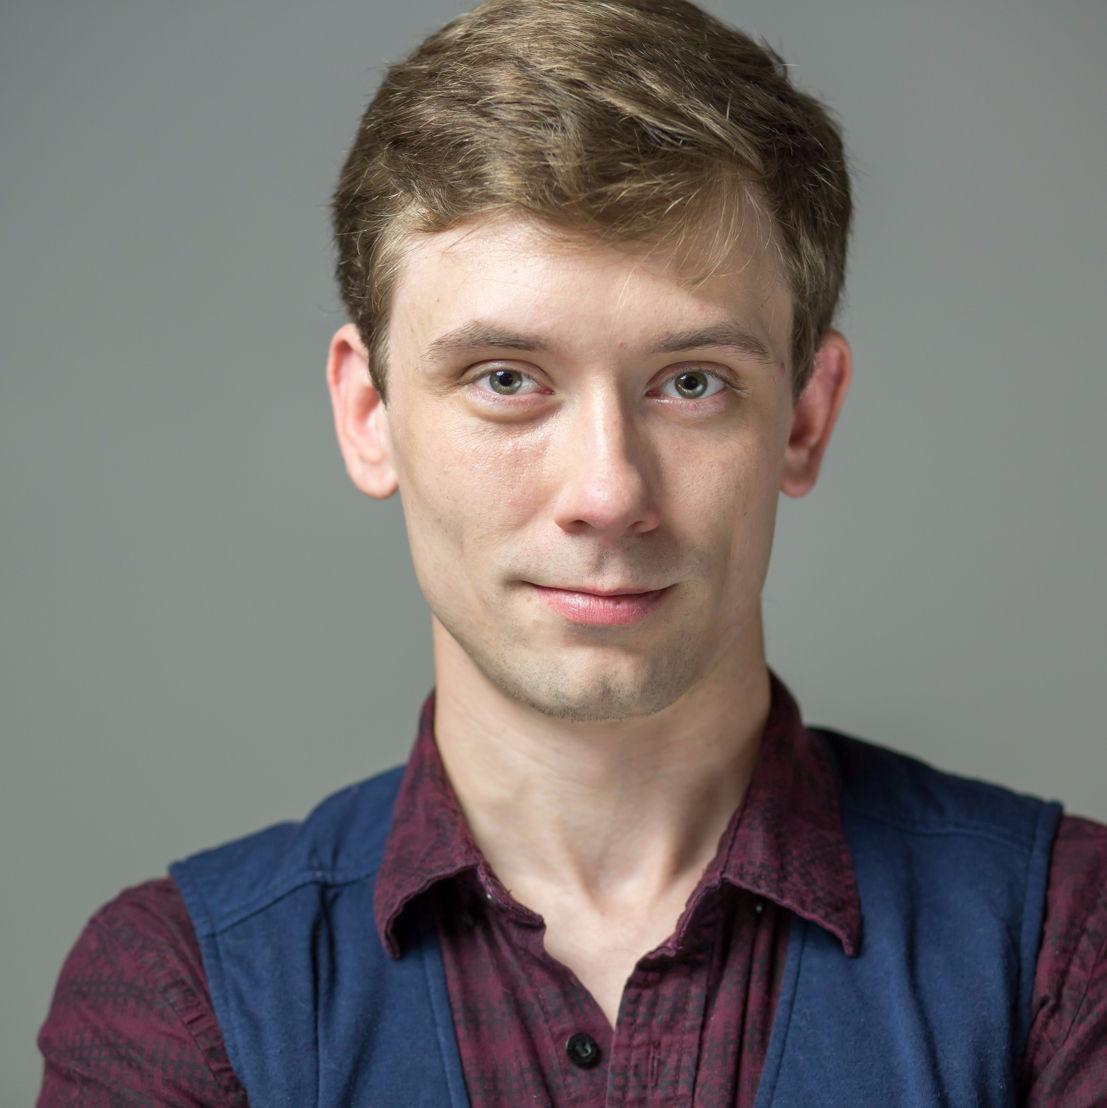 Kyle Brumley